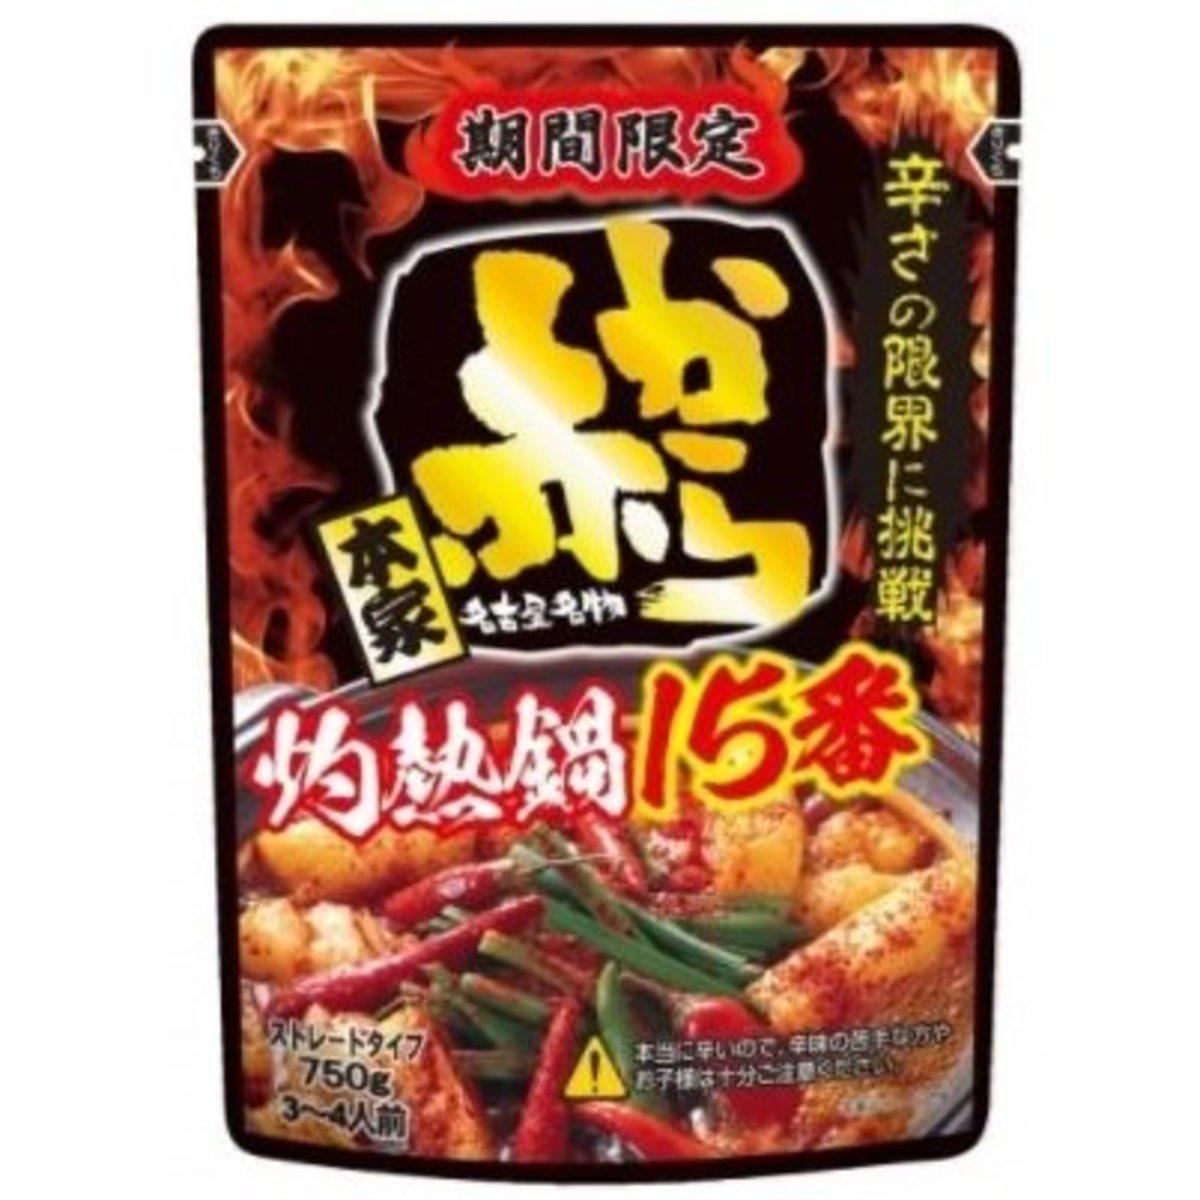 辛辣味火鍋湯包湯底 (15號辣度) 750g (4901011574299)